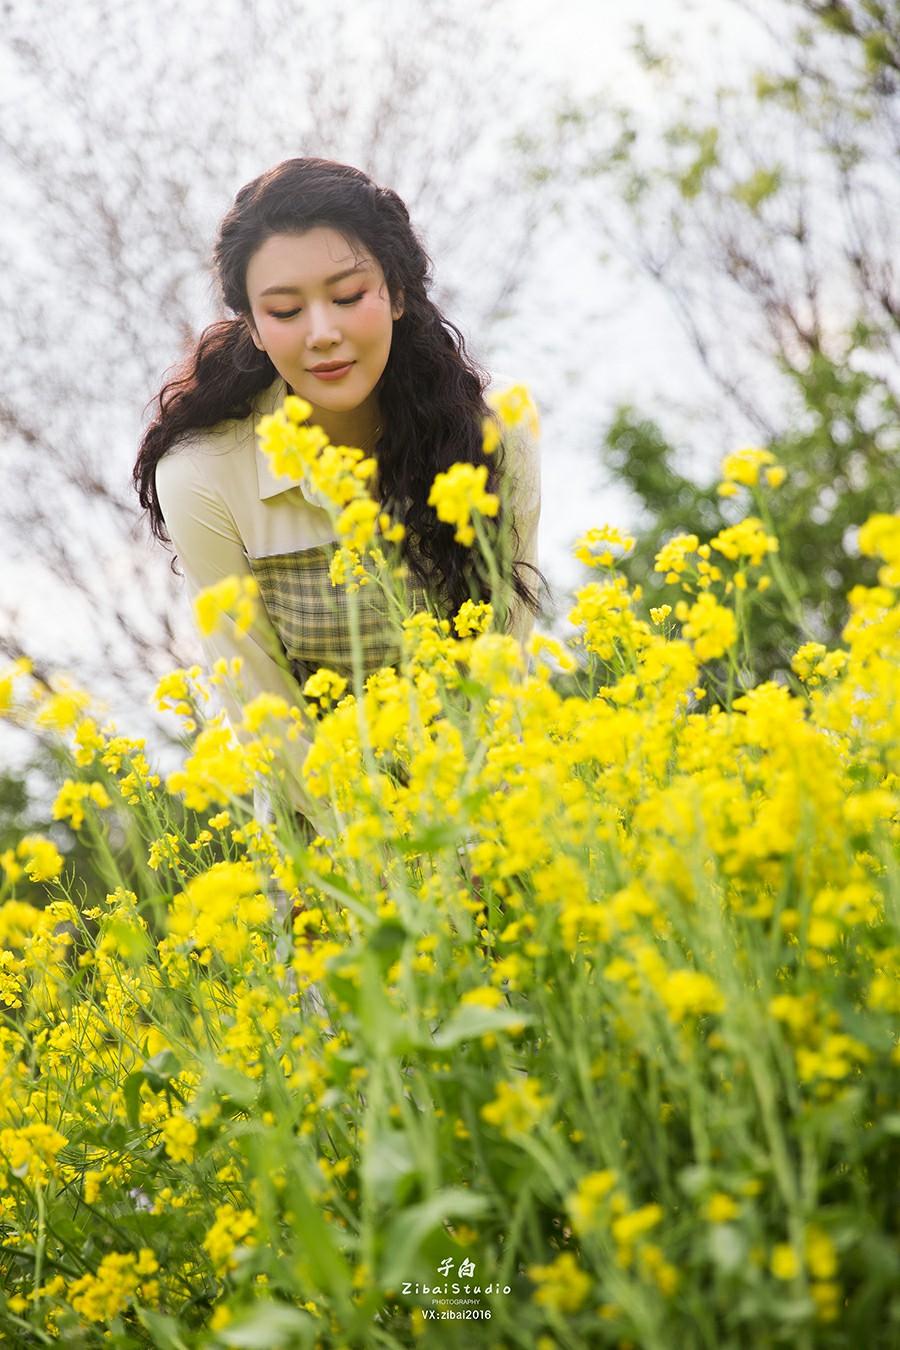 [TouTiao头条女神]2020.04.20 钟晴 油菜花的晴天[9P] 头条女神 第2张